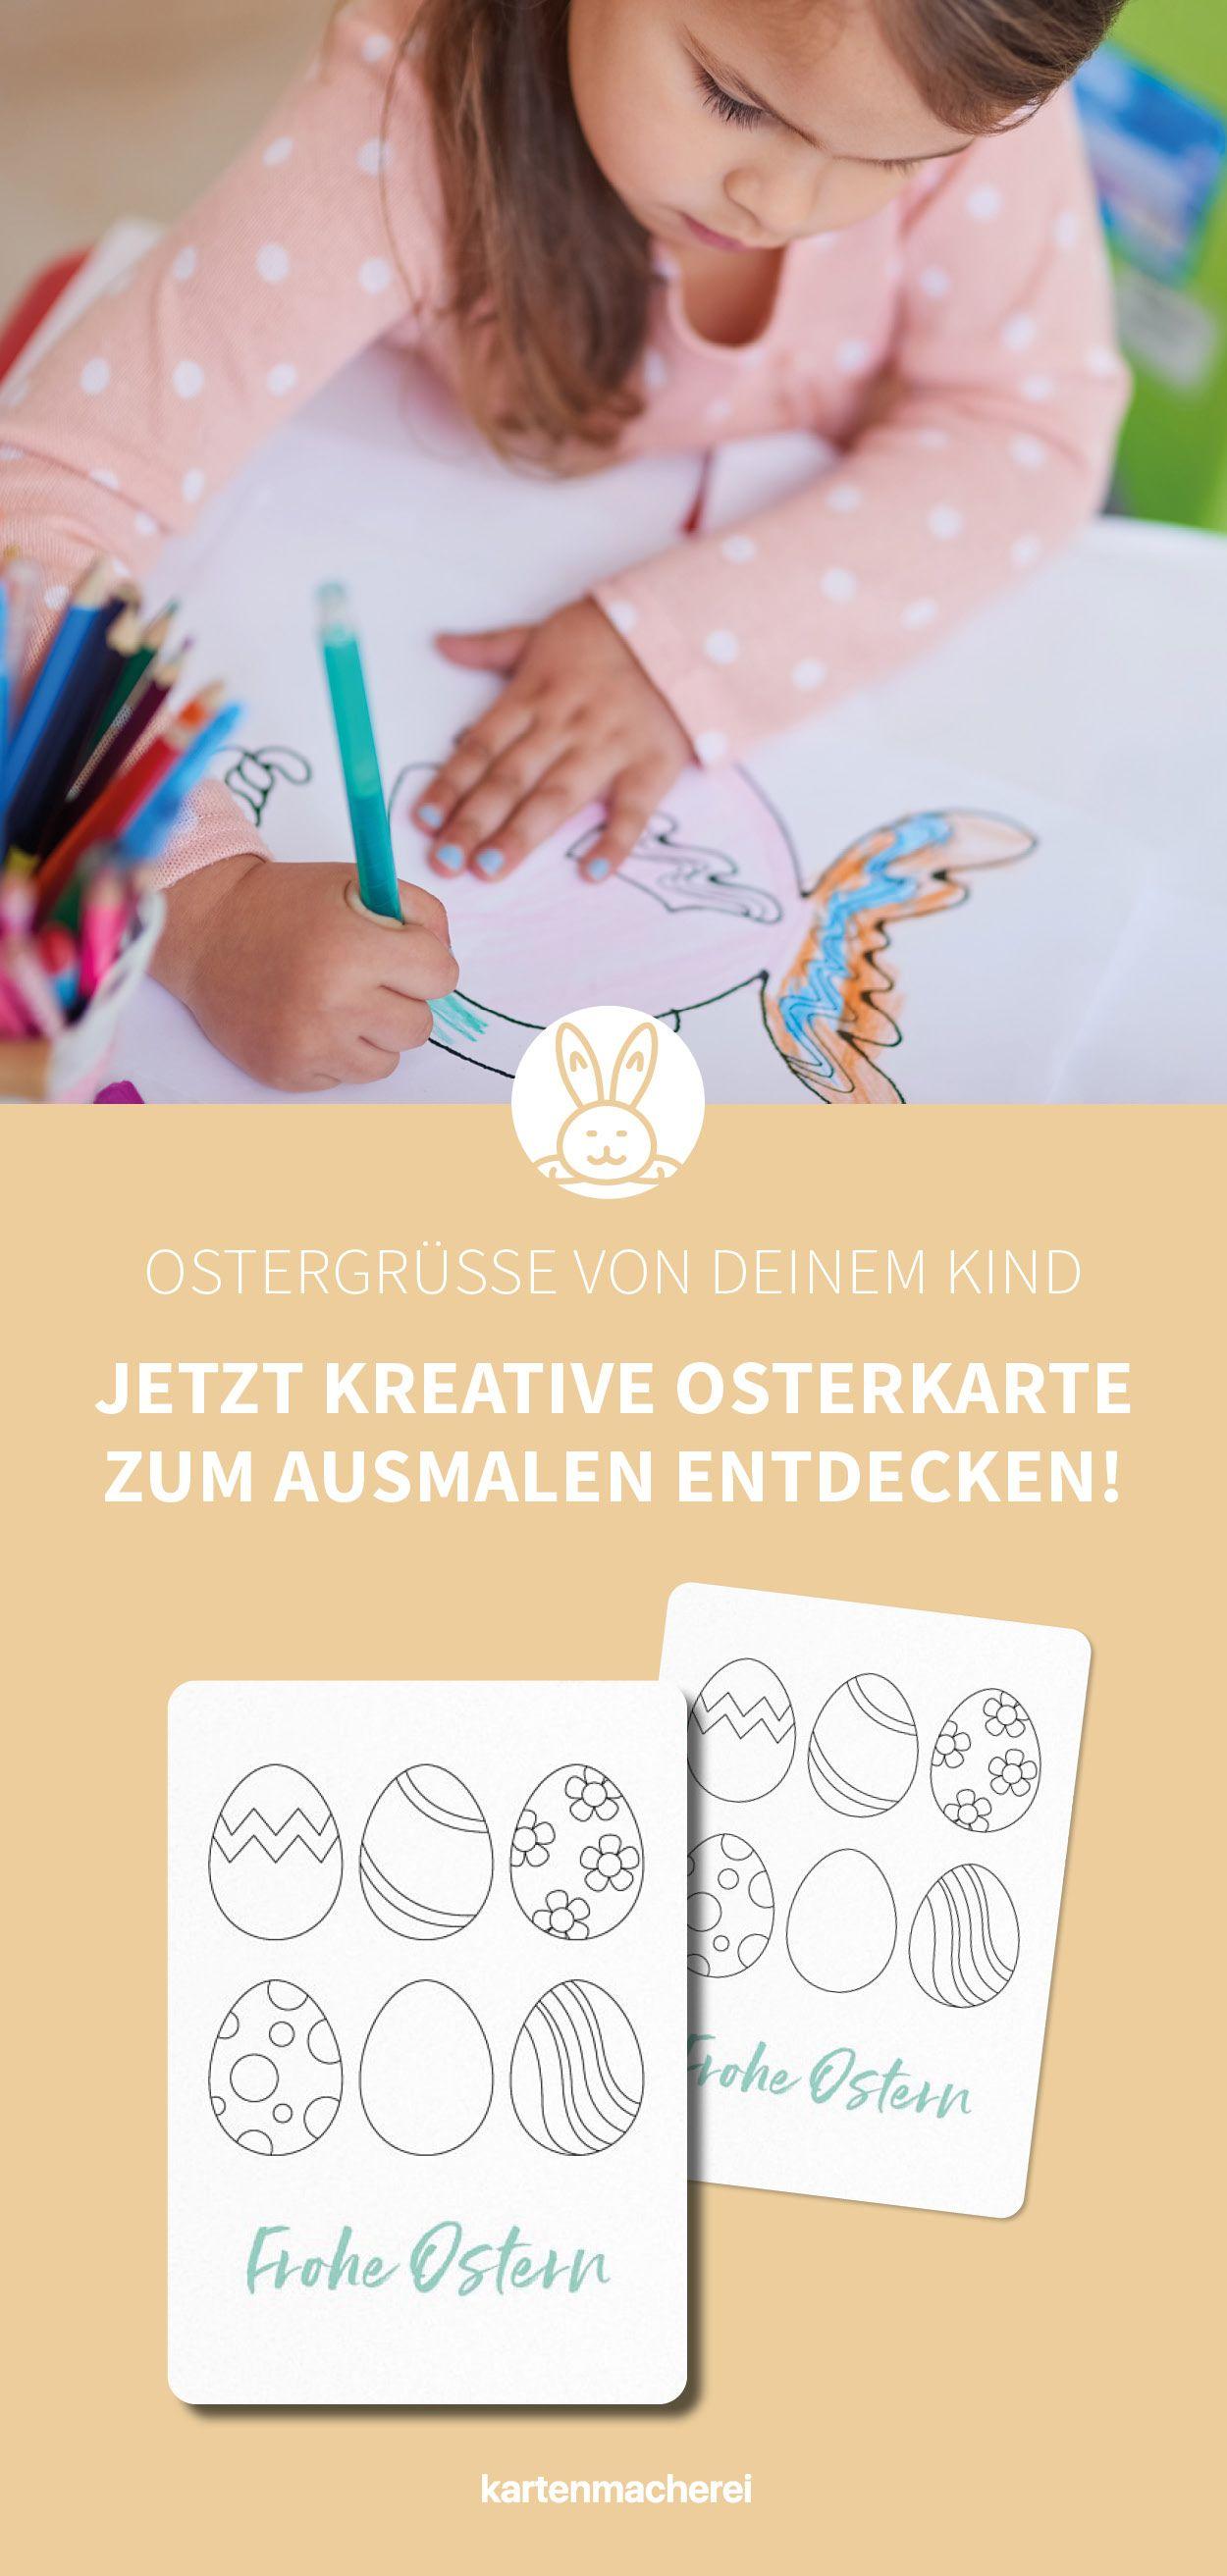 Osterkarte zum Ausmalen - so verschickt dein Kind die süßesten Ostergrüsse! #diygeburtstagsgeschenke